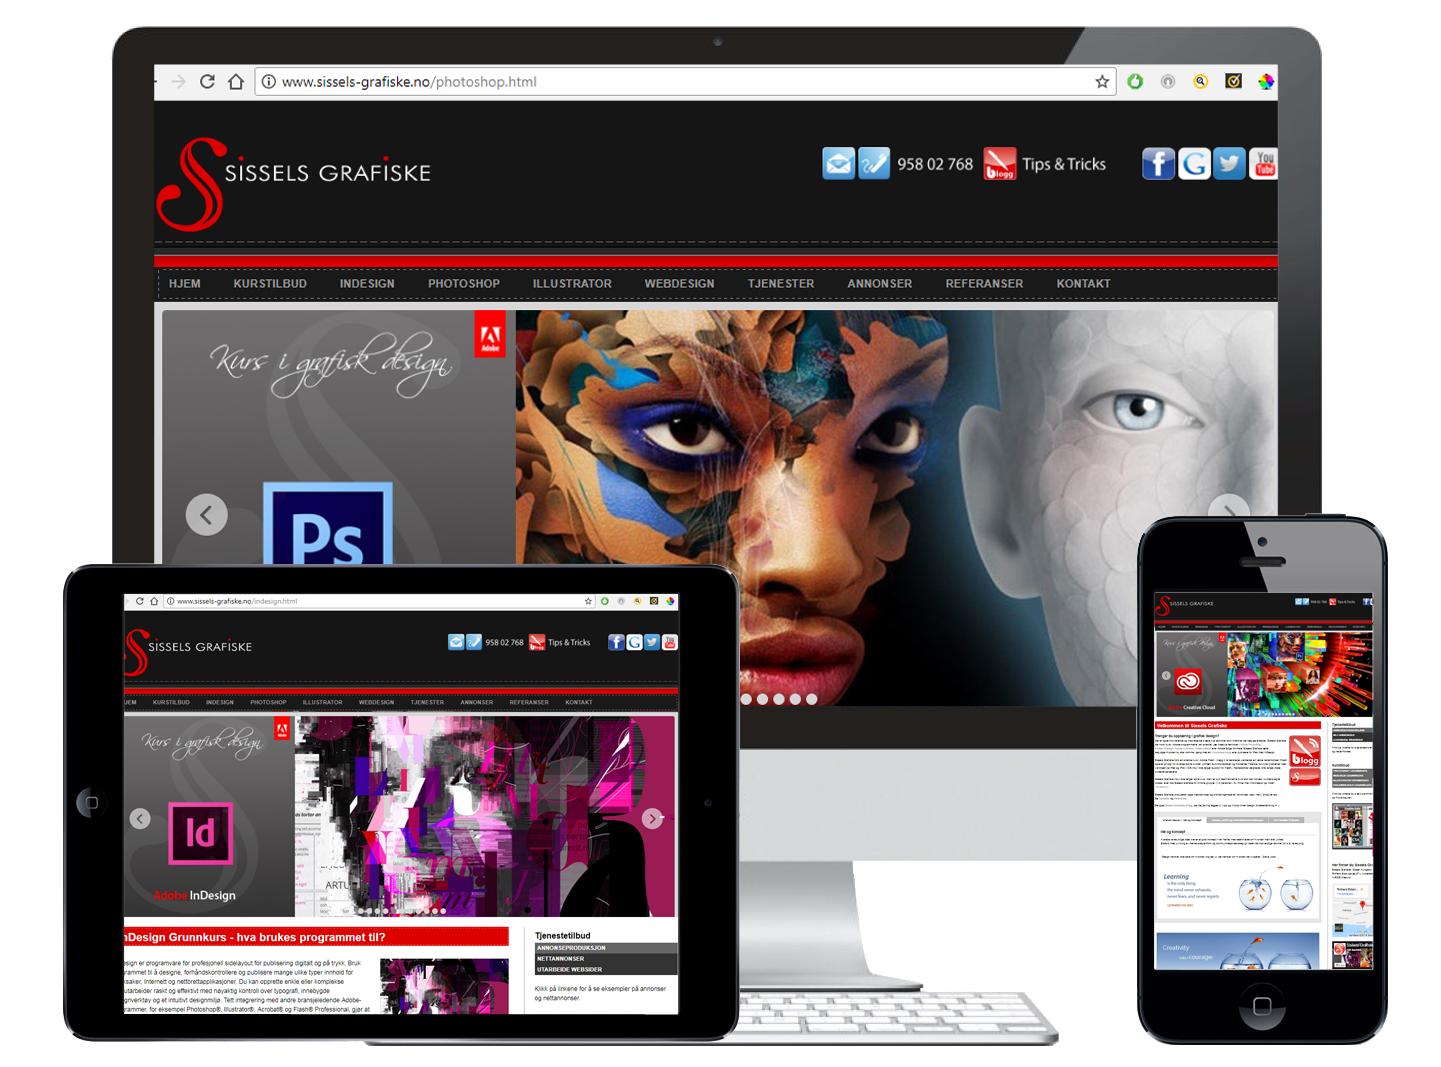 Desktop_tablet_mobile_web_01